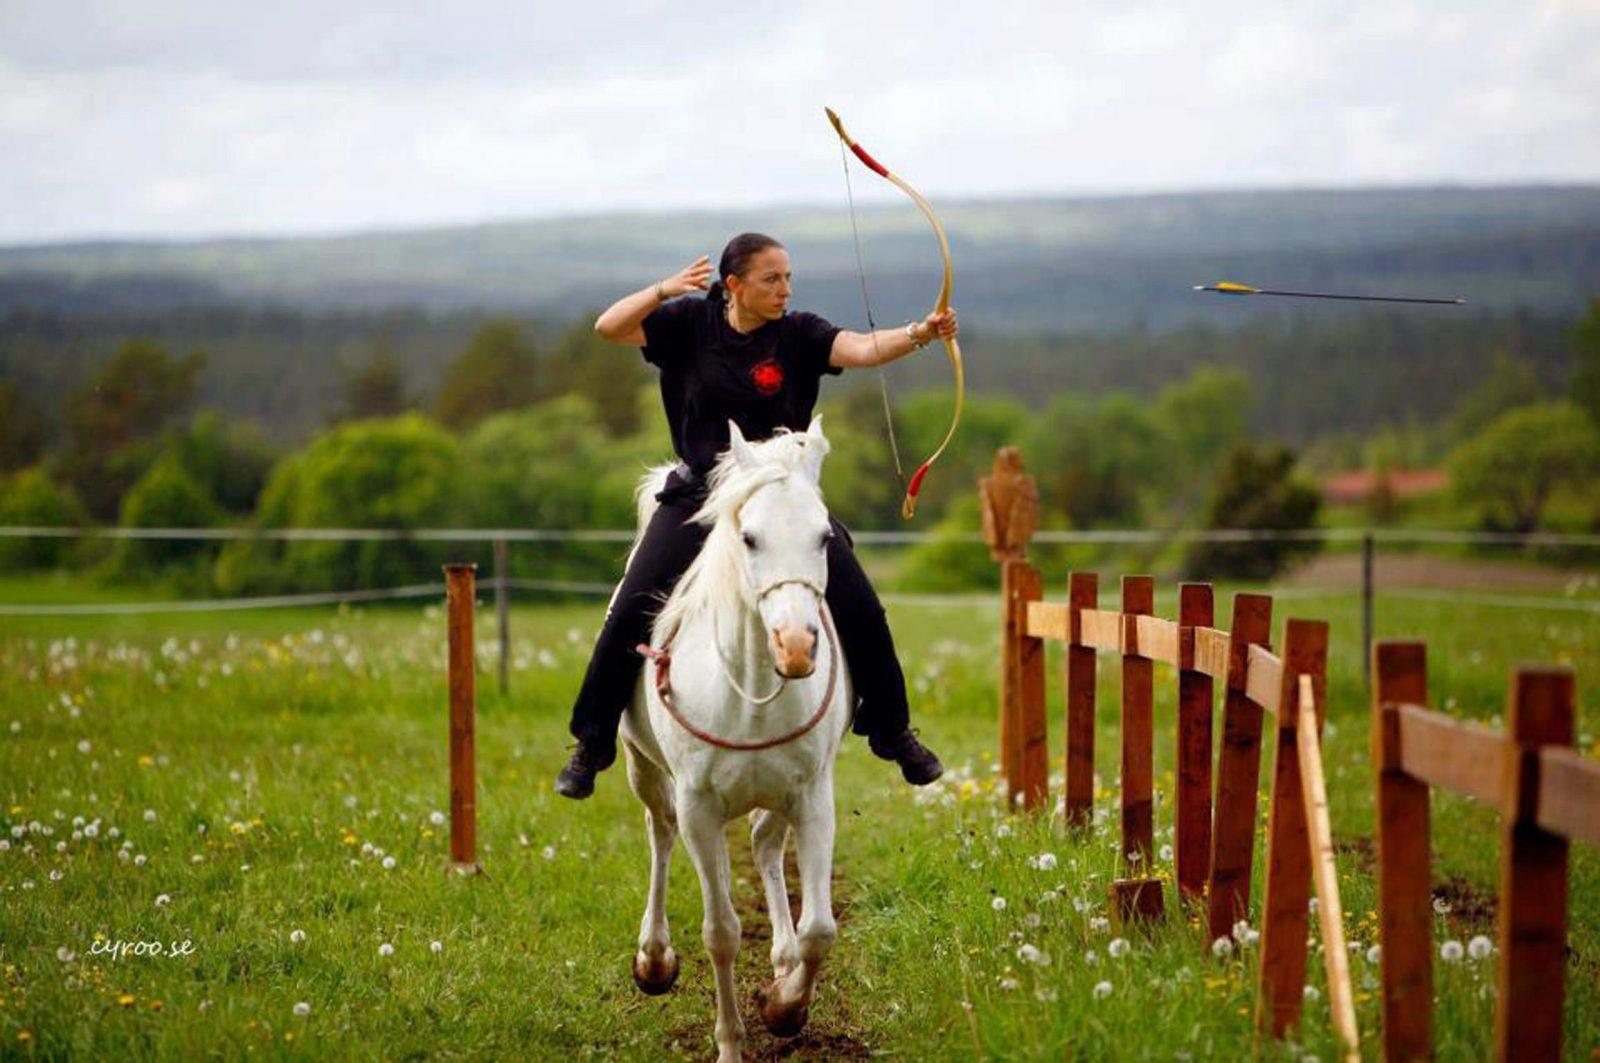 Woman on horseback shooting arrows